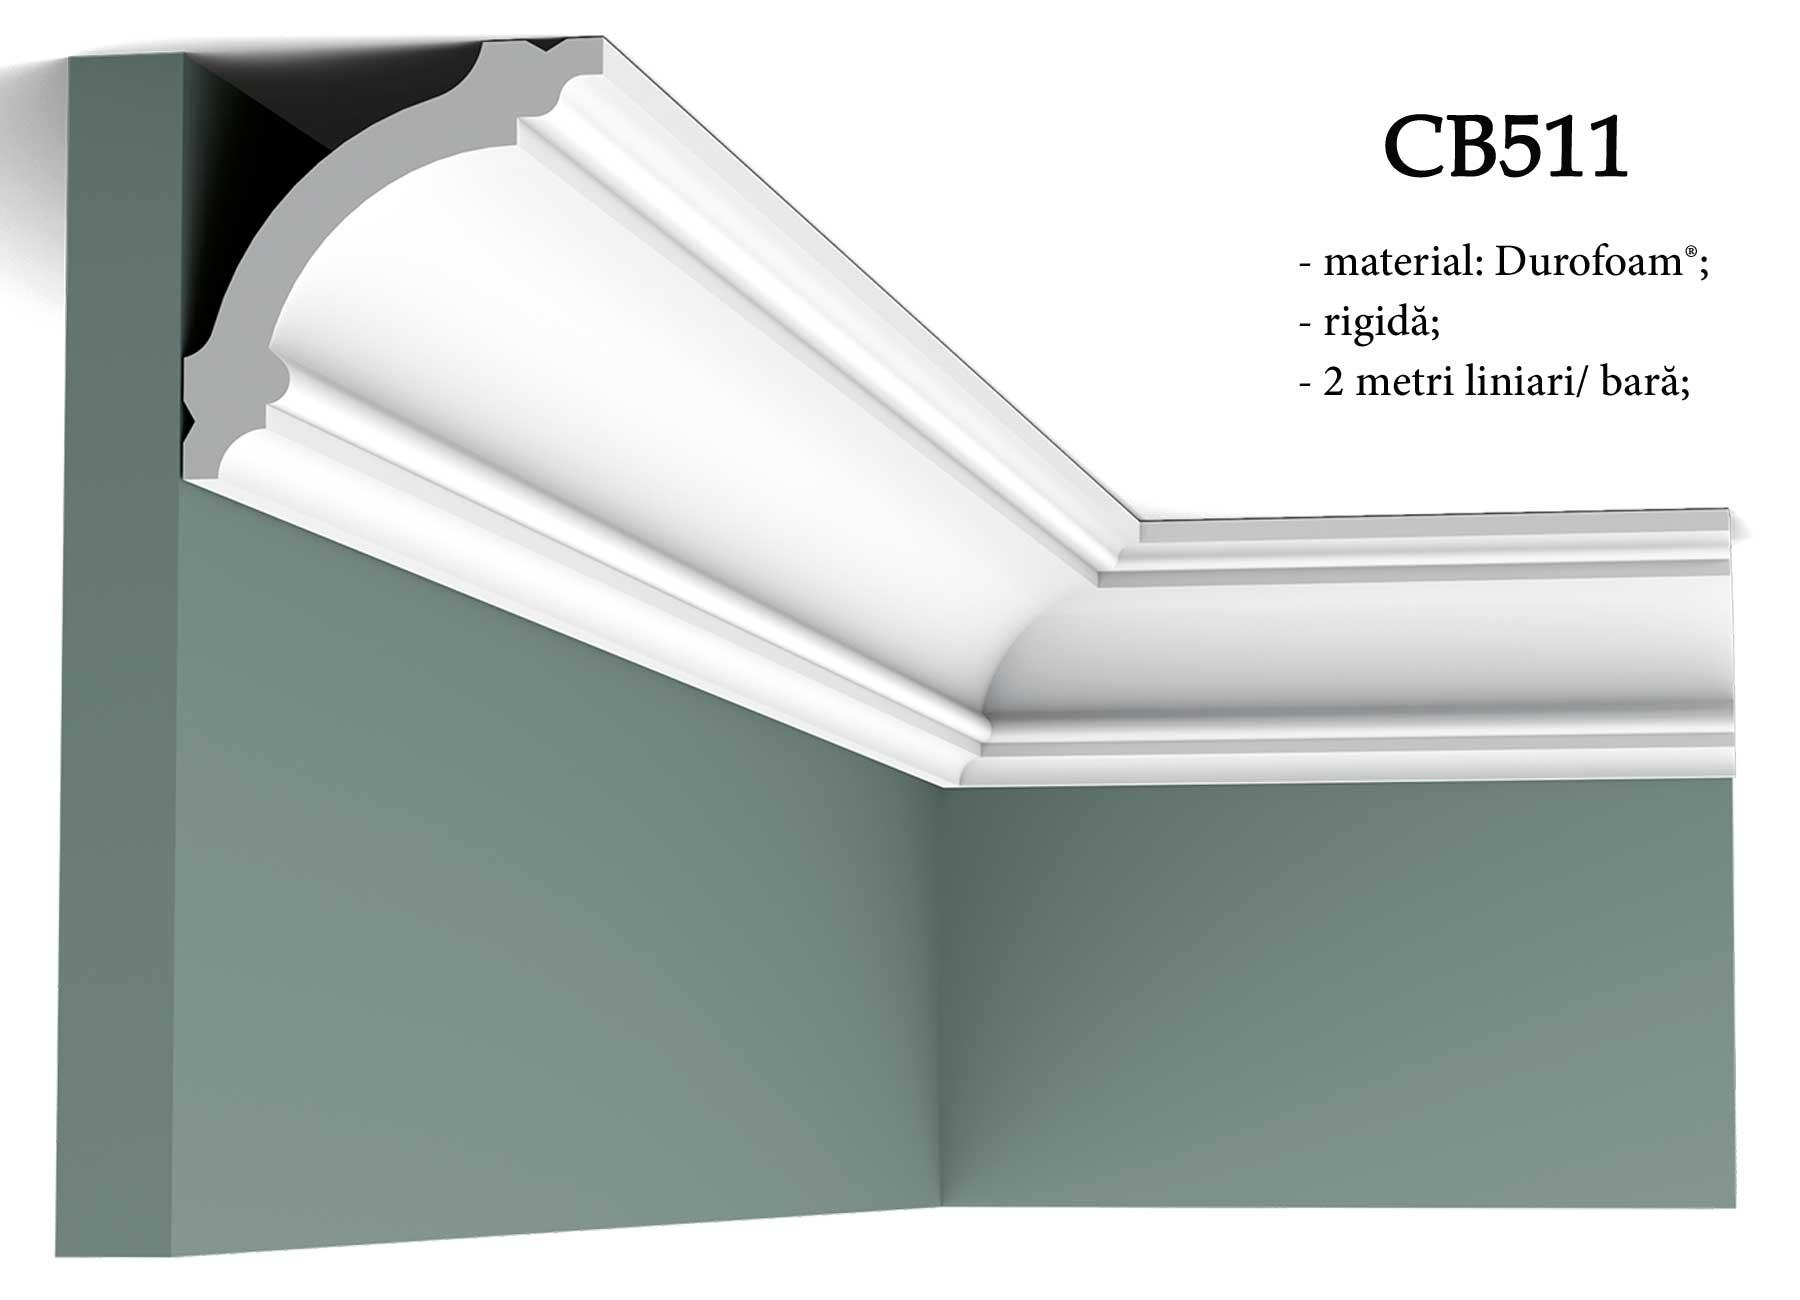 Cornisa CB511 decorativa pentru tavan Orac Decor.